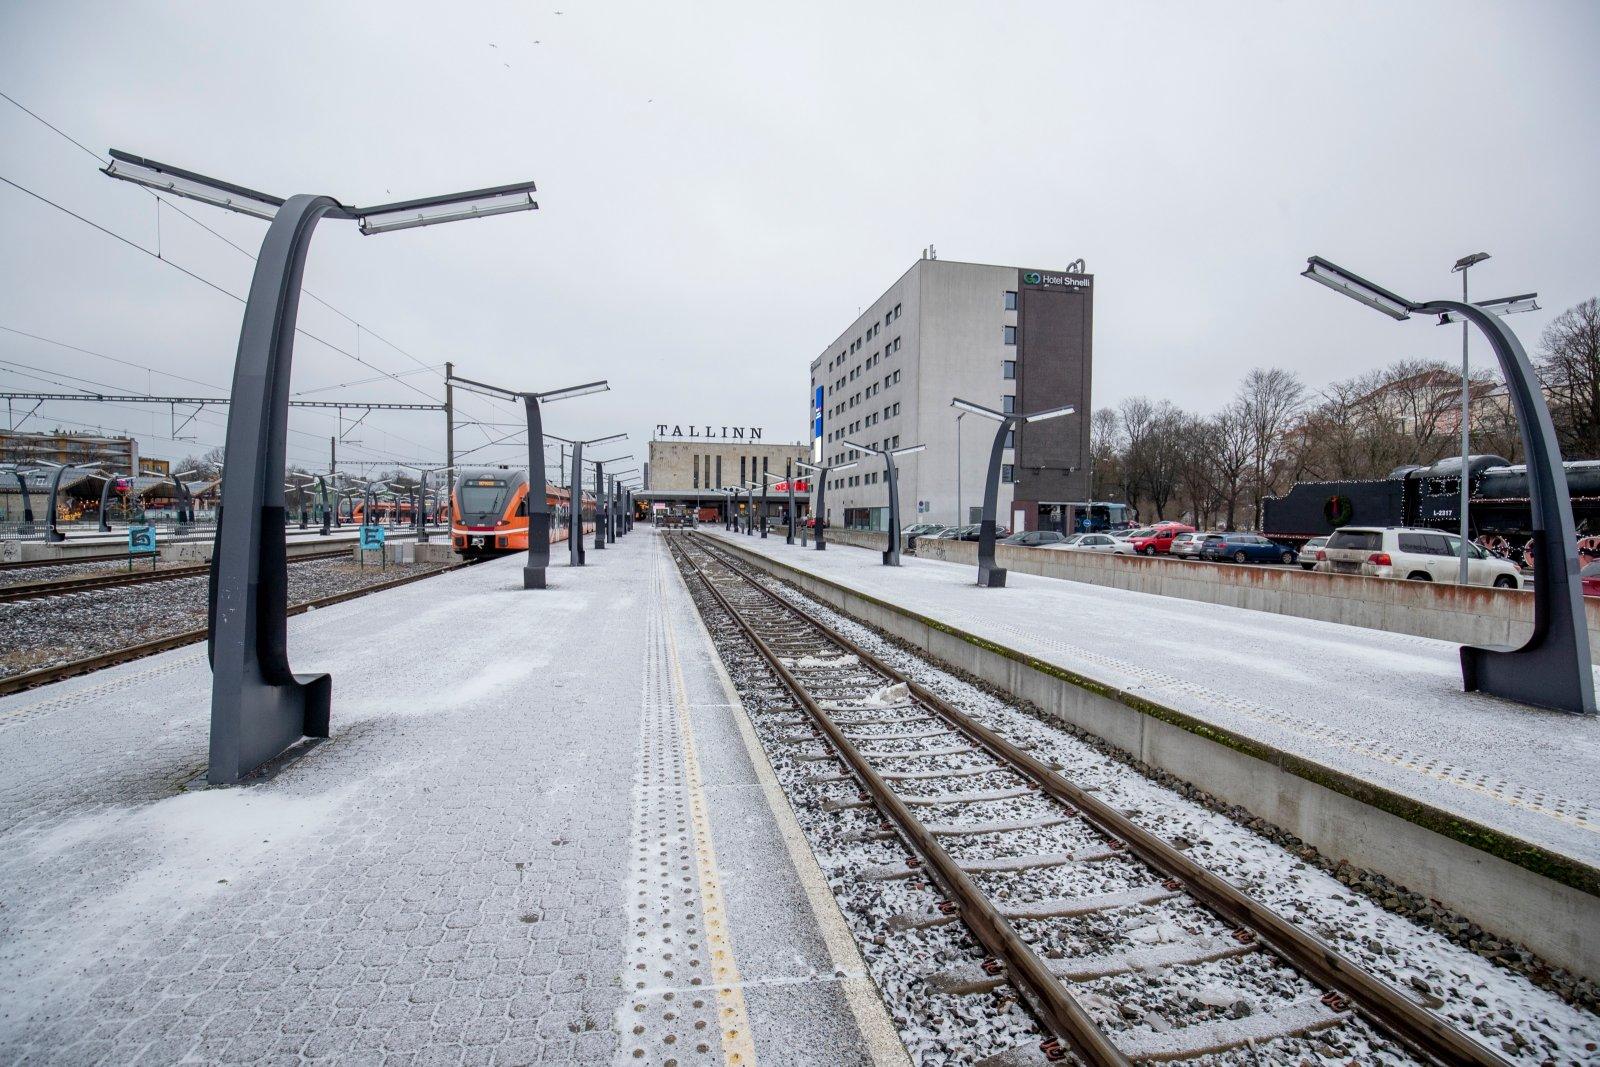 FOTOD   Balti jaama perroonidel, mida tavaliselt täidavad sel ajal tuhanded Vene turistid, vaatab vastu tühjus